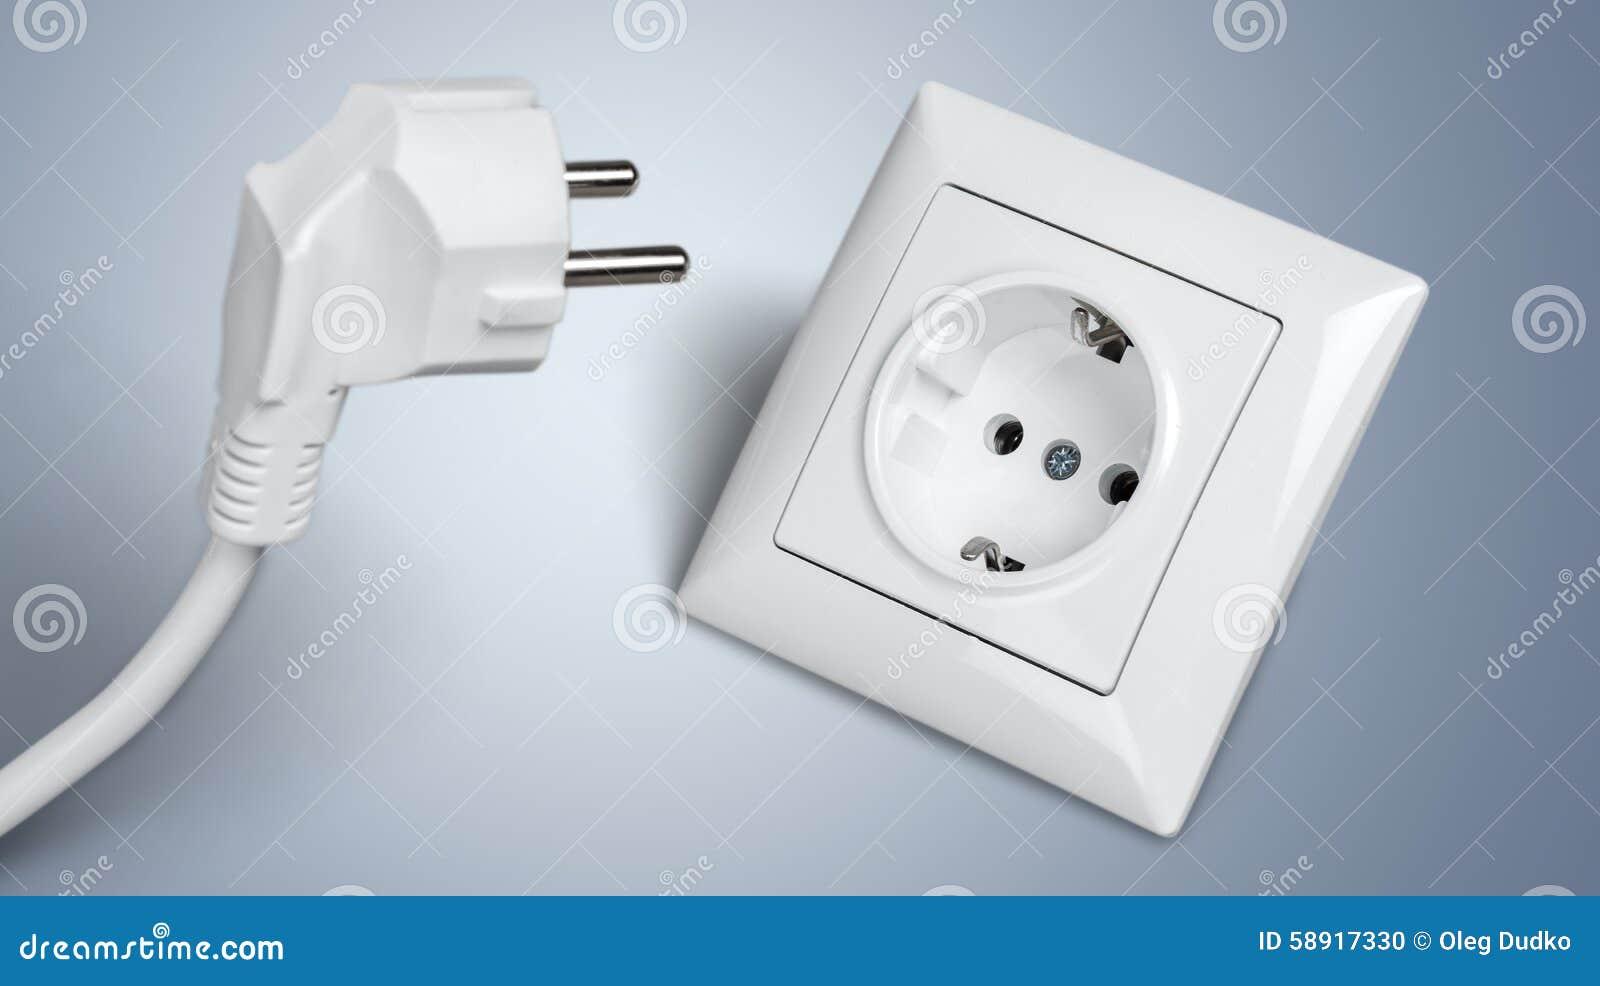 Groß Elektrischer Bolzen Fotos - Elektrische Schaltplan-Ideen ...